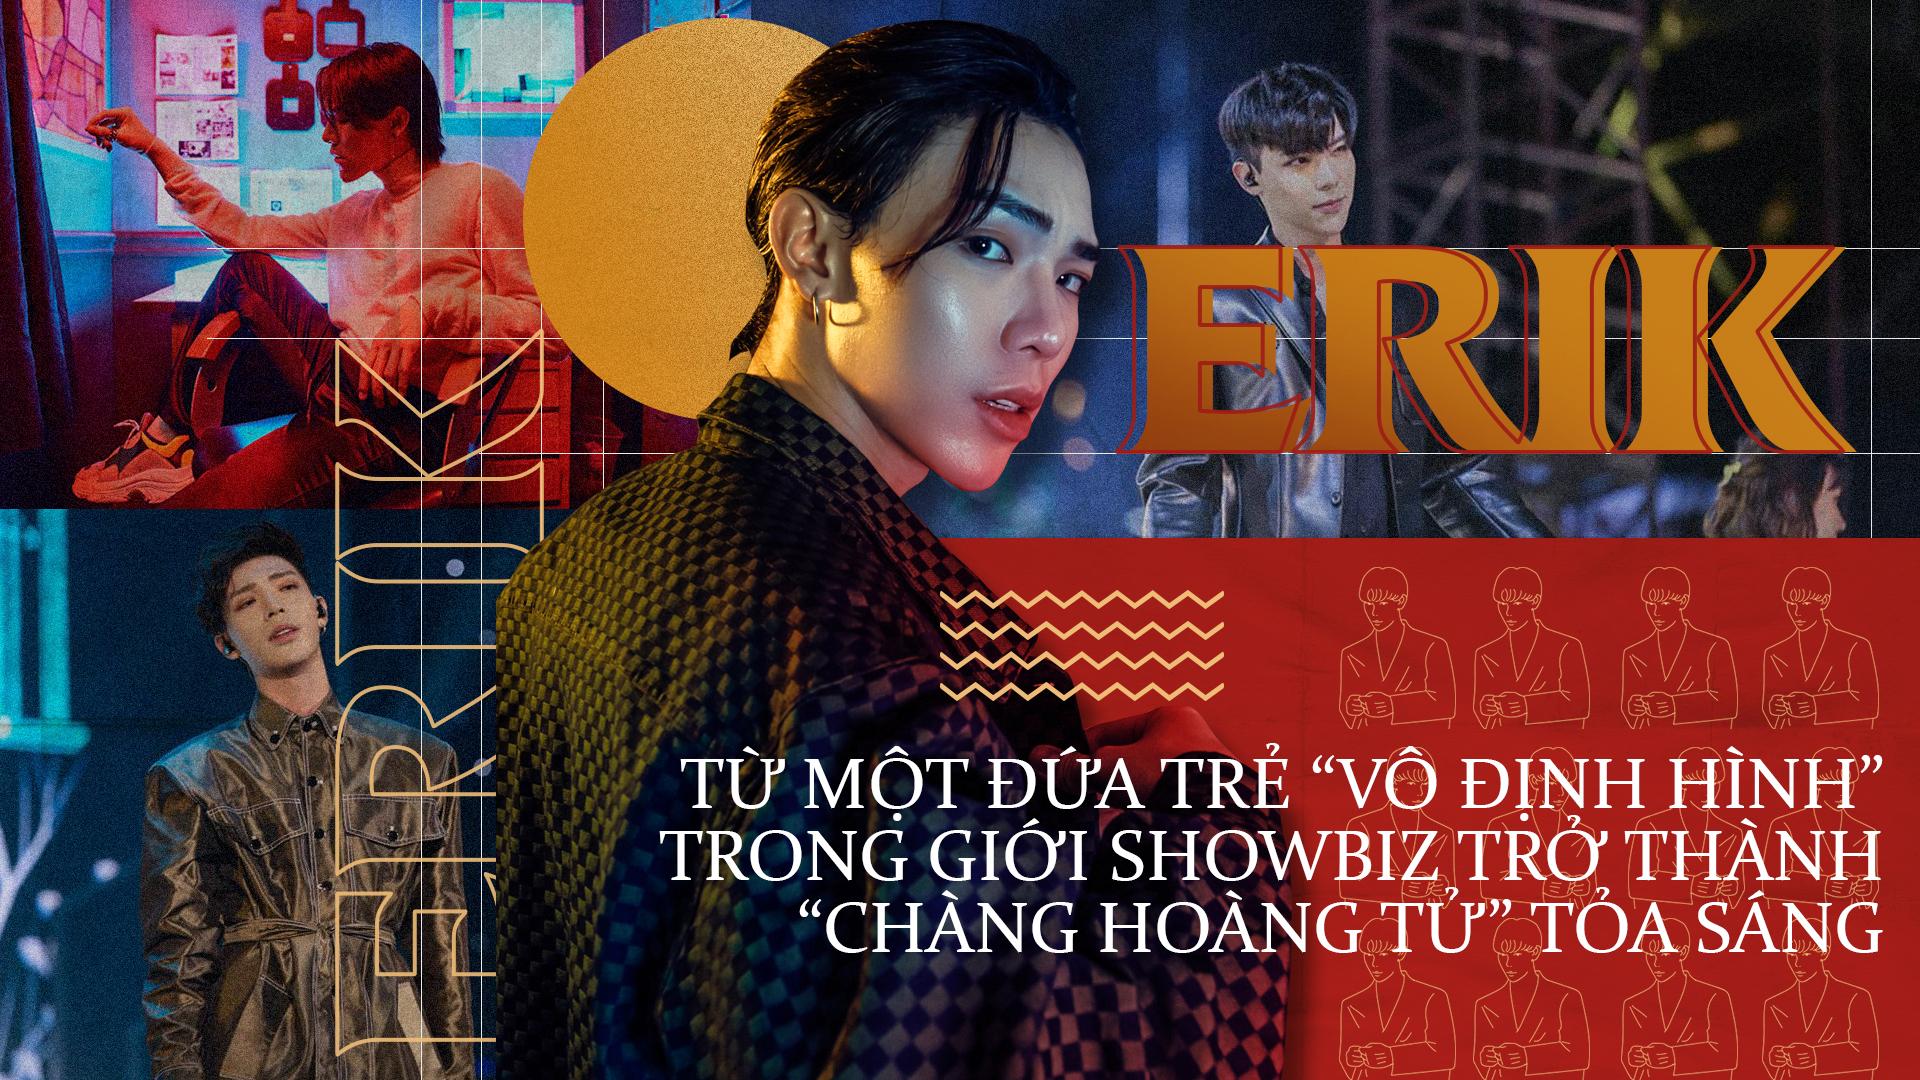 ERIK: Từ một đứa trẻ 'vô định hình' trong showbiz trở thành 'chàng hoàng tử' tỏa sáng